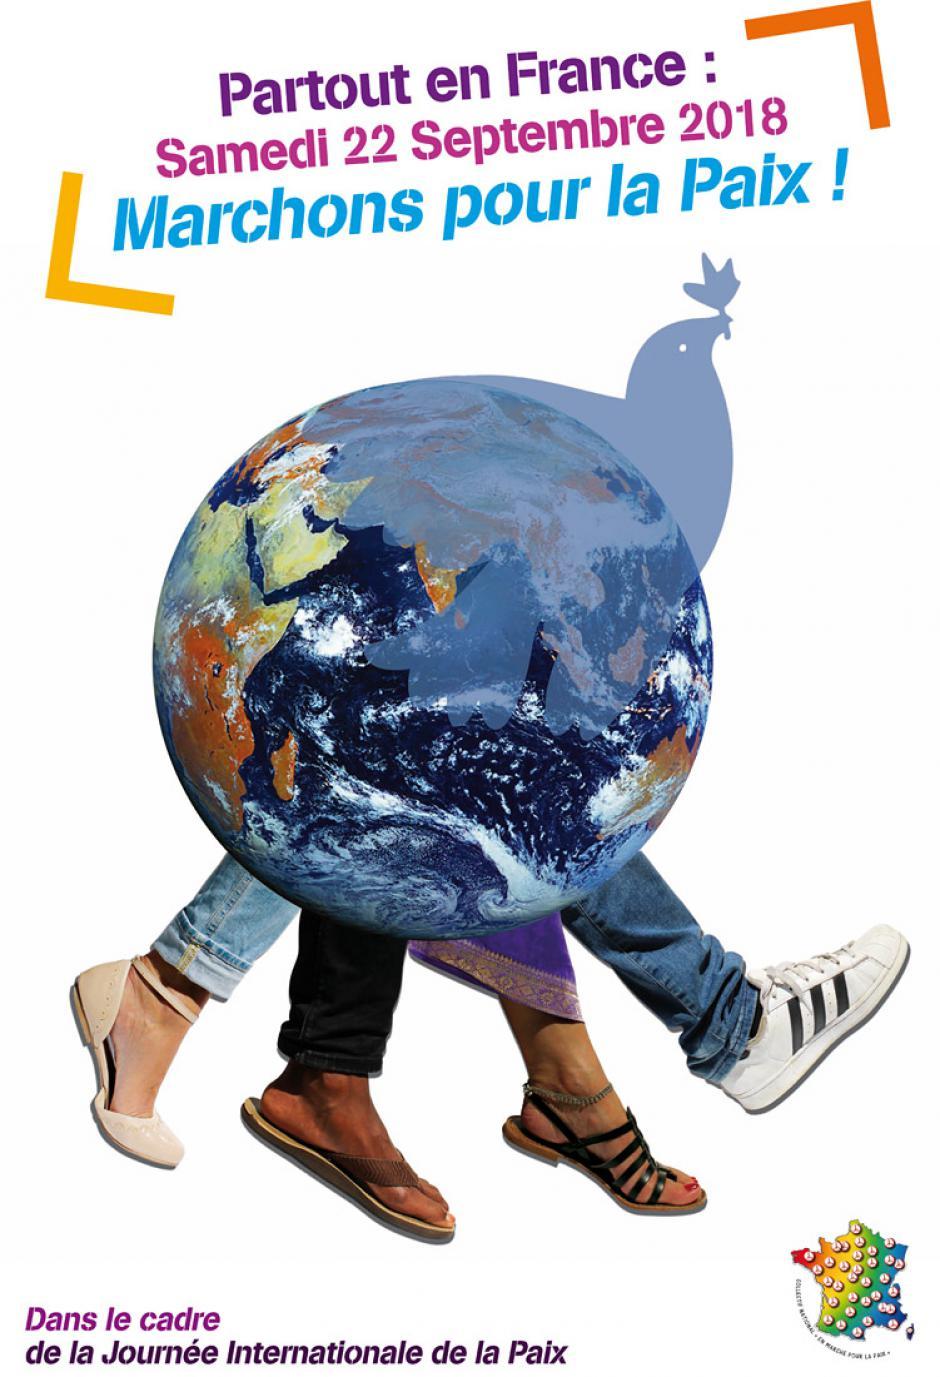 22 septembre, France - Partout, marchons pour la paix